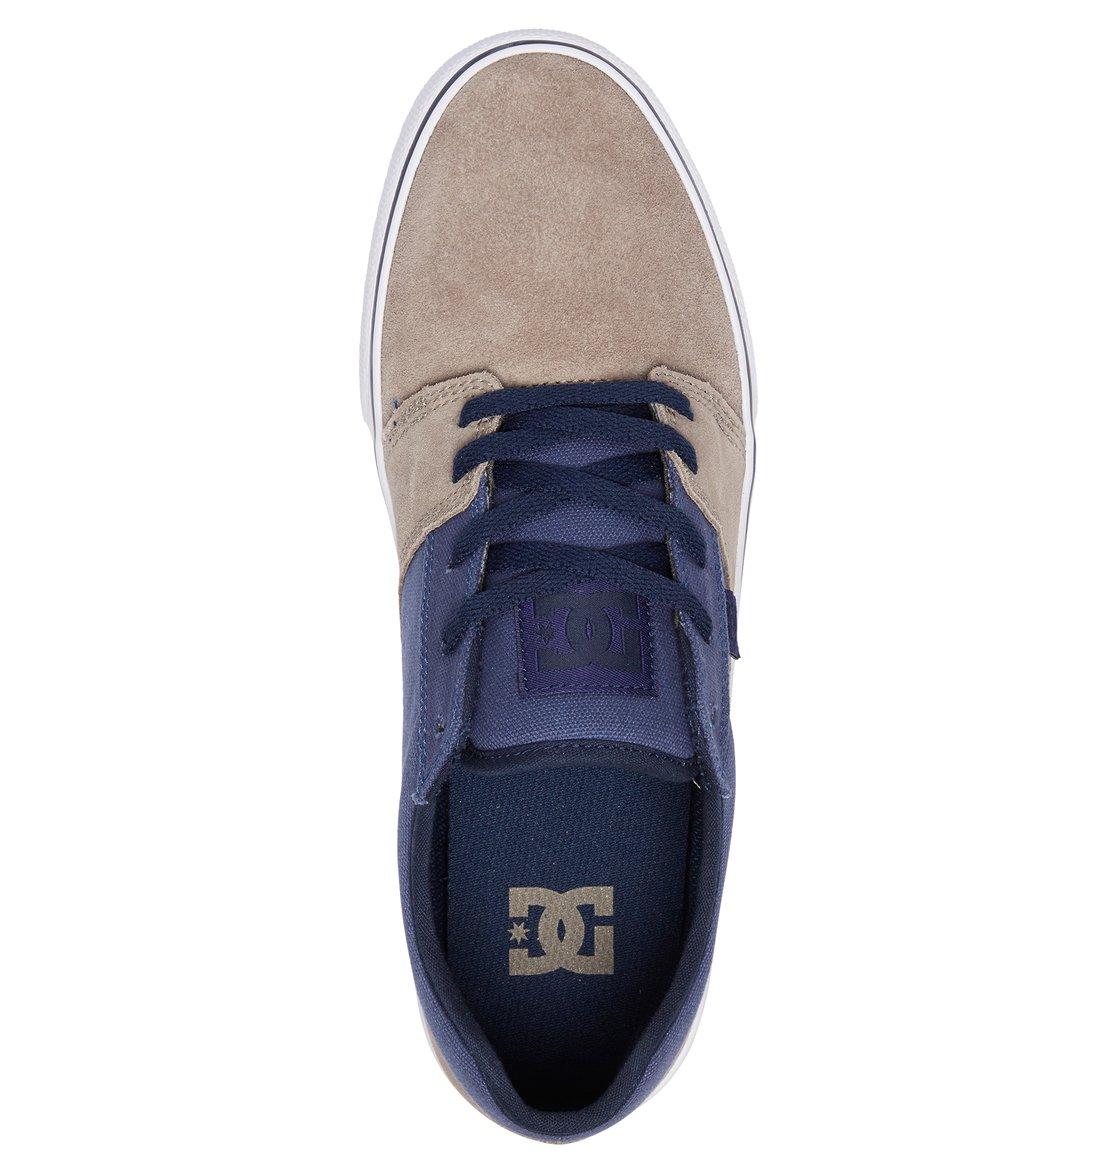 Details Dc Shoes™ Schuhe Zu Tonik 302905 Für Männer wX0OPk8n